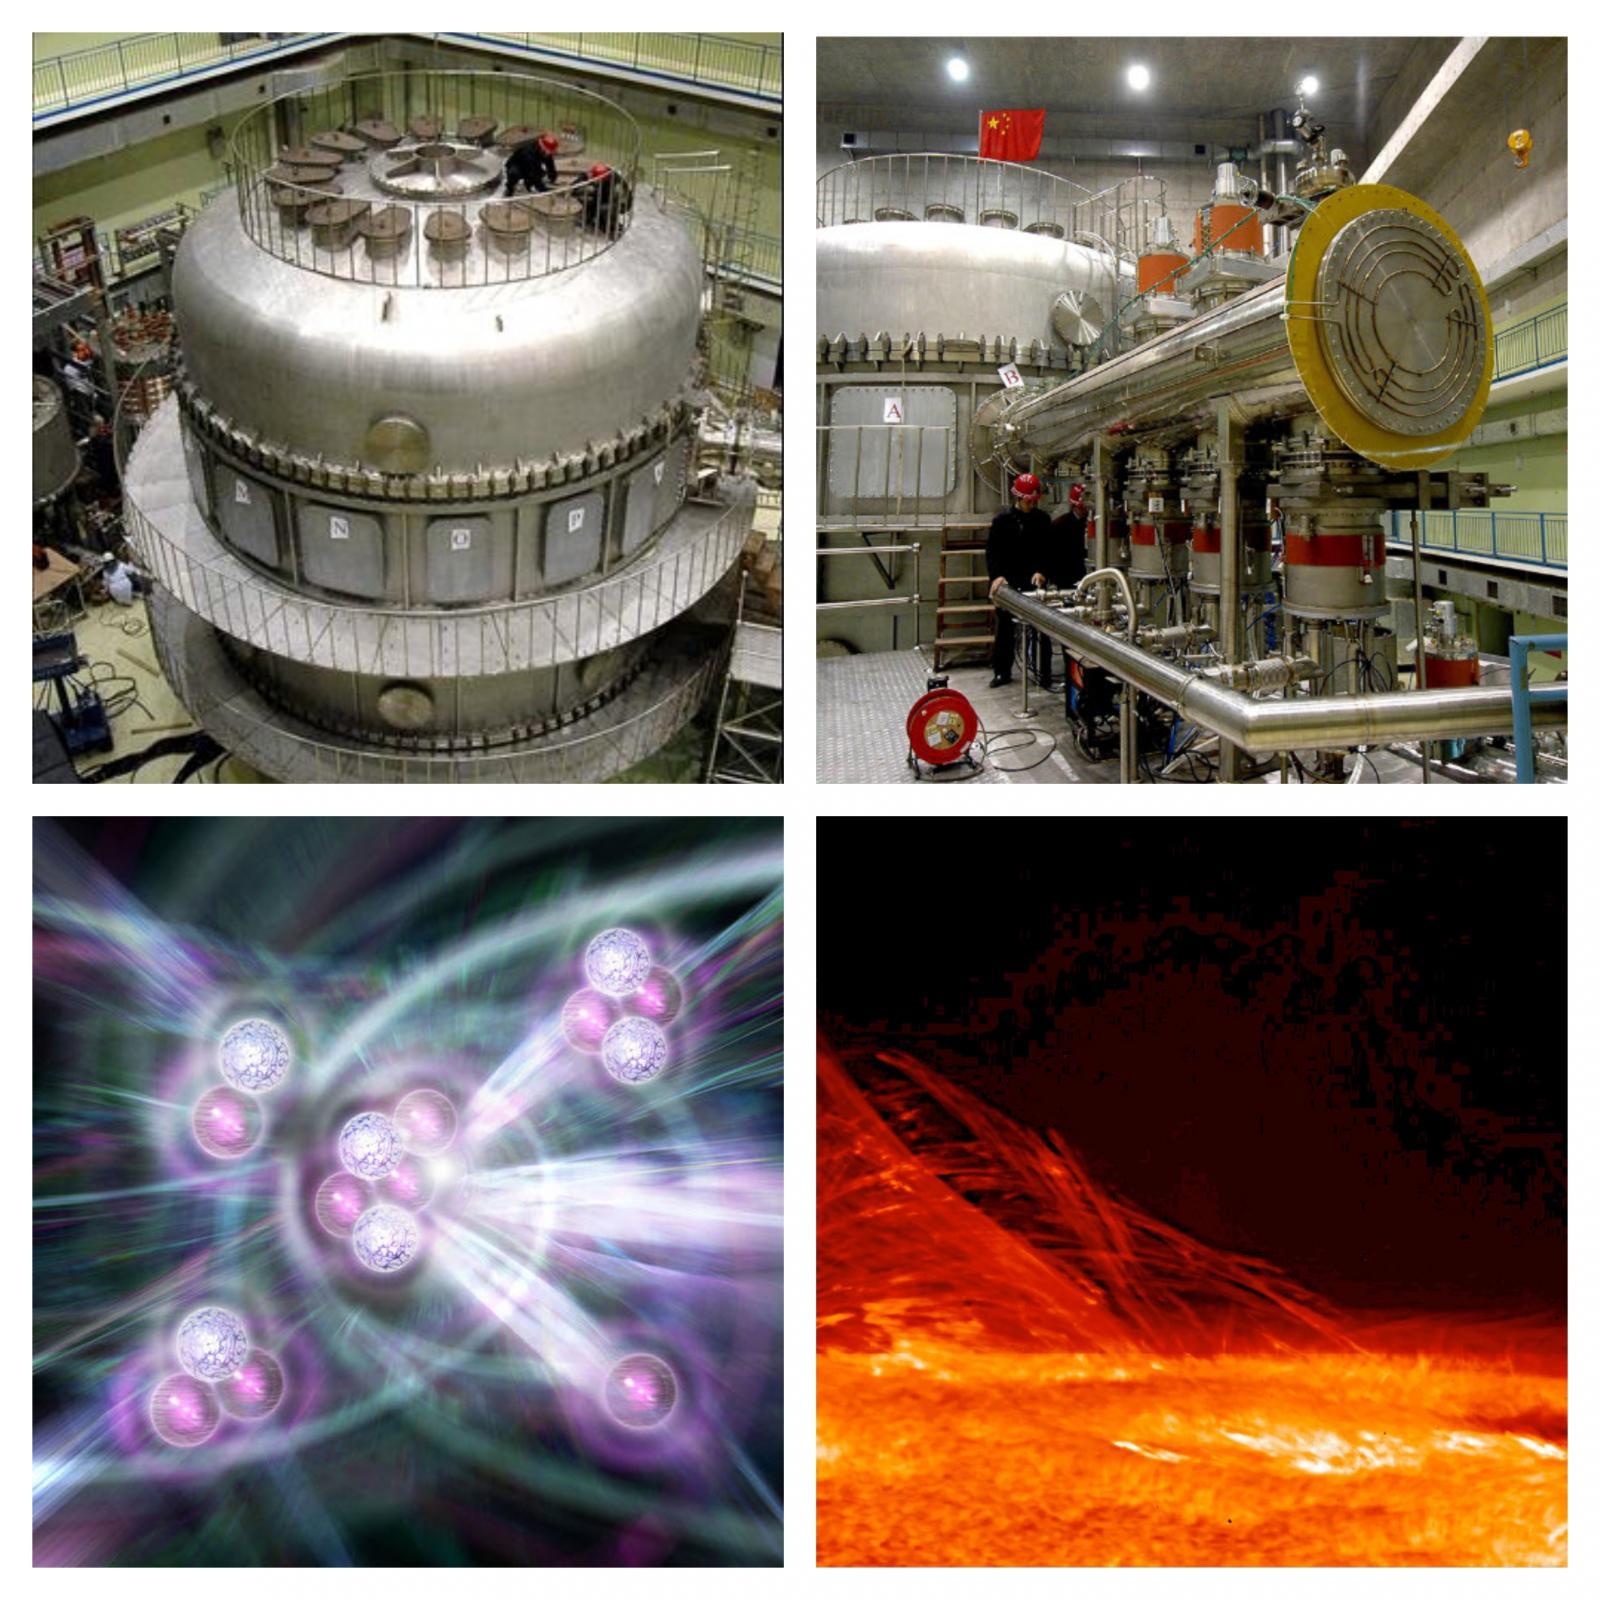 Kitajski EAST, fuzija, Sonce Vir: EAST in NASA